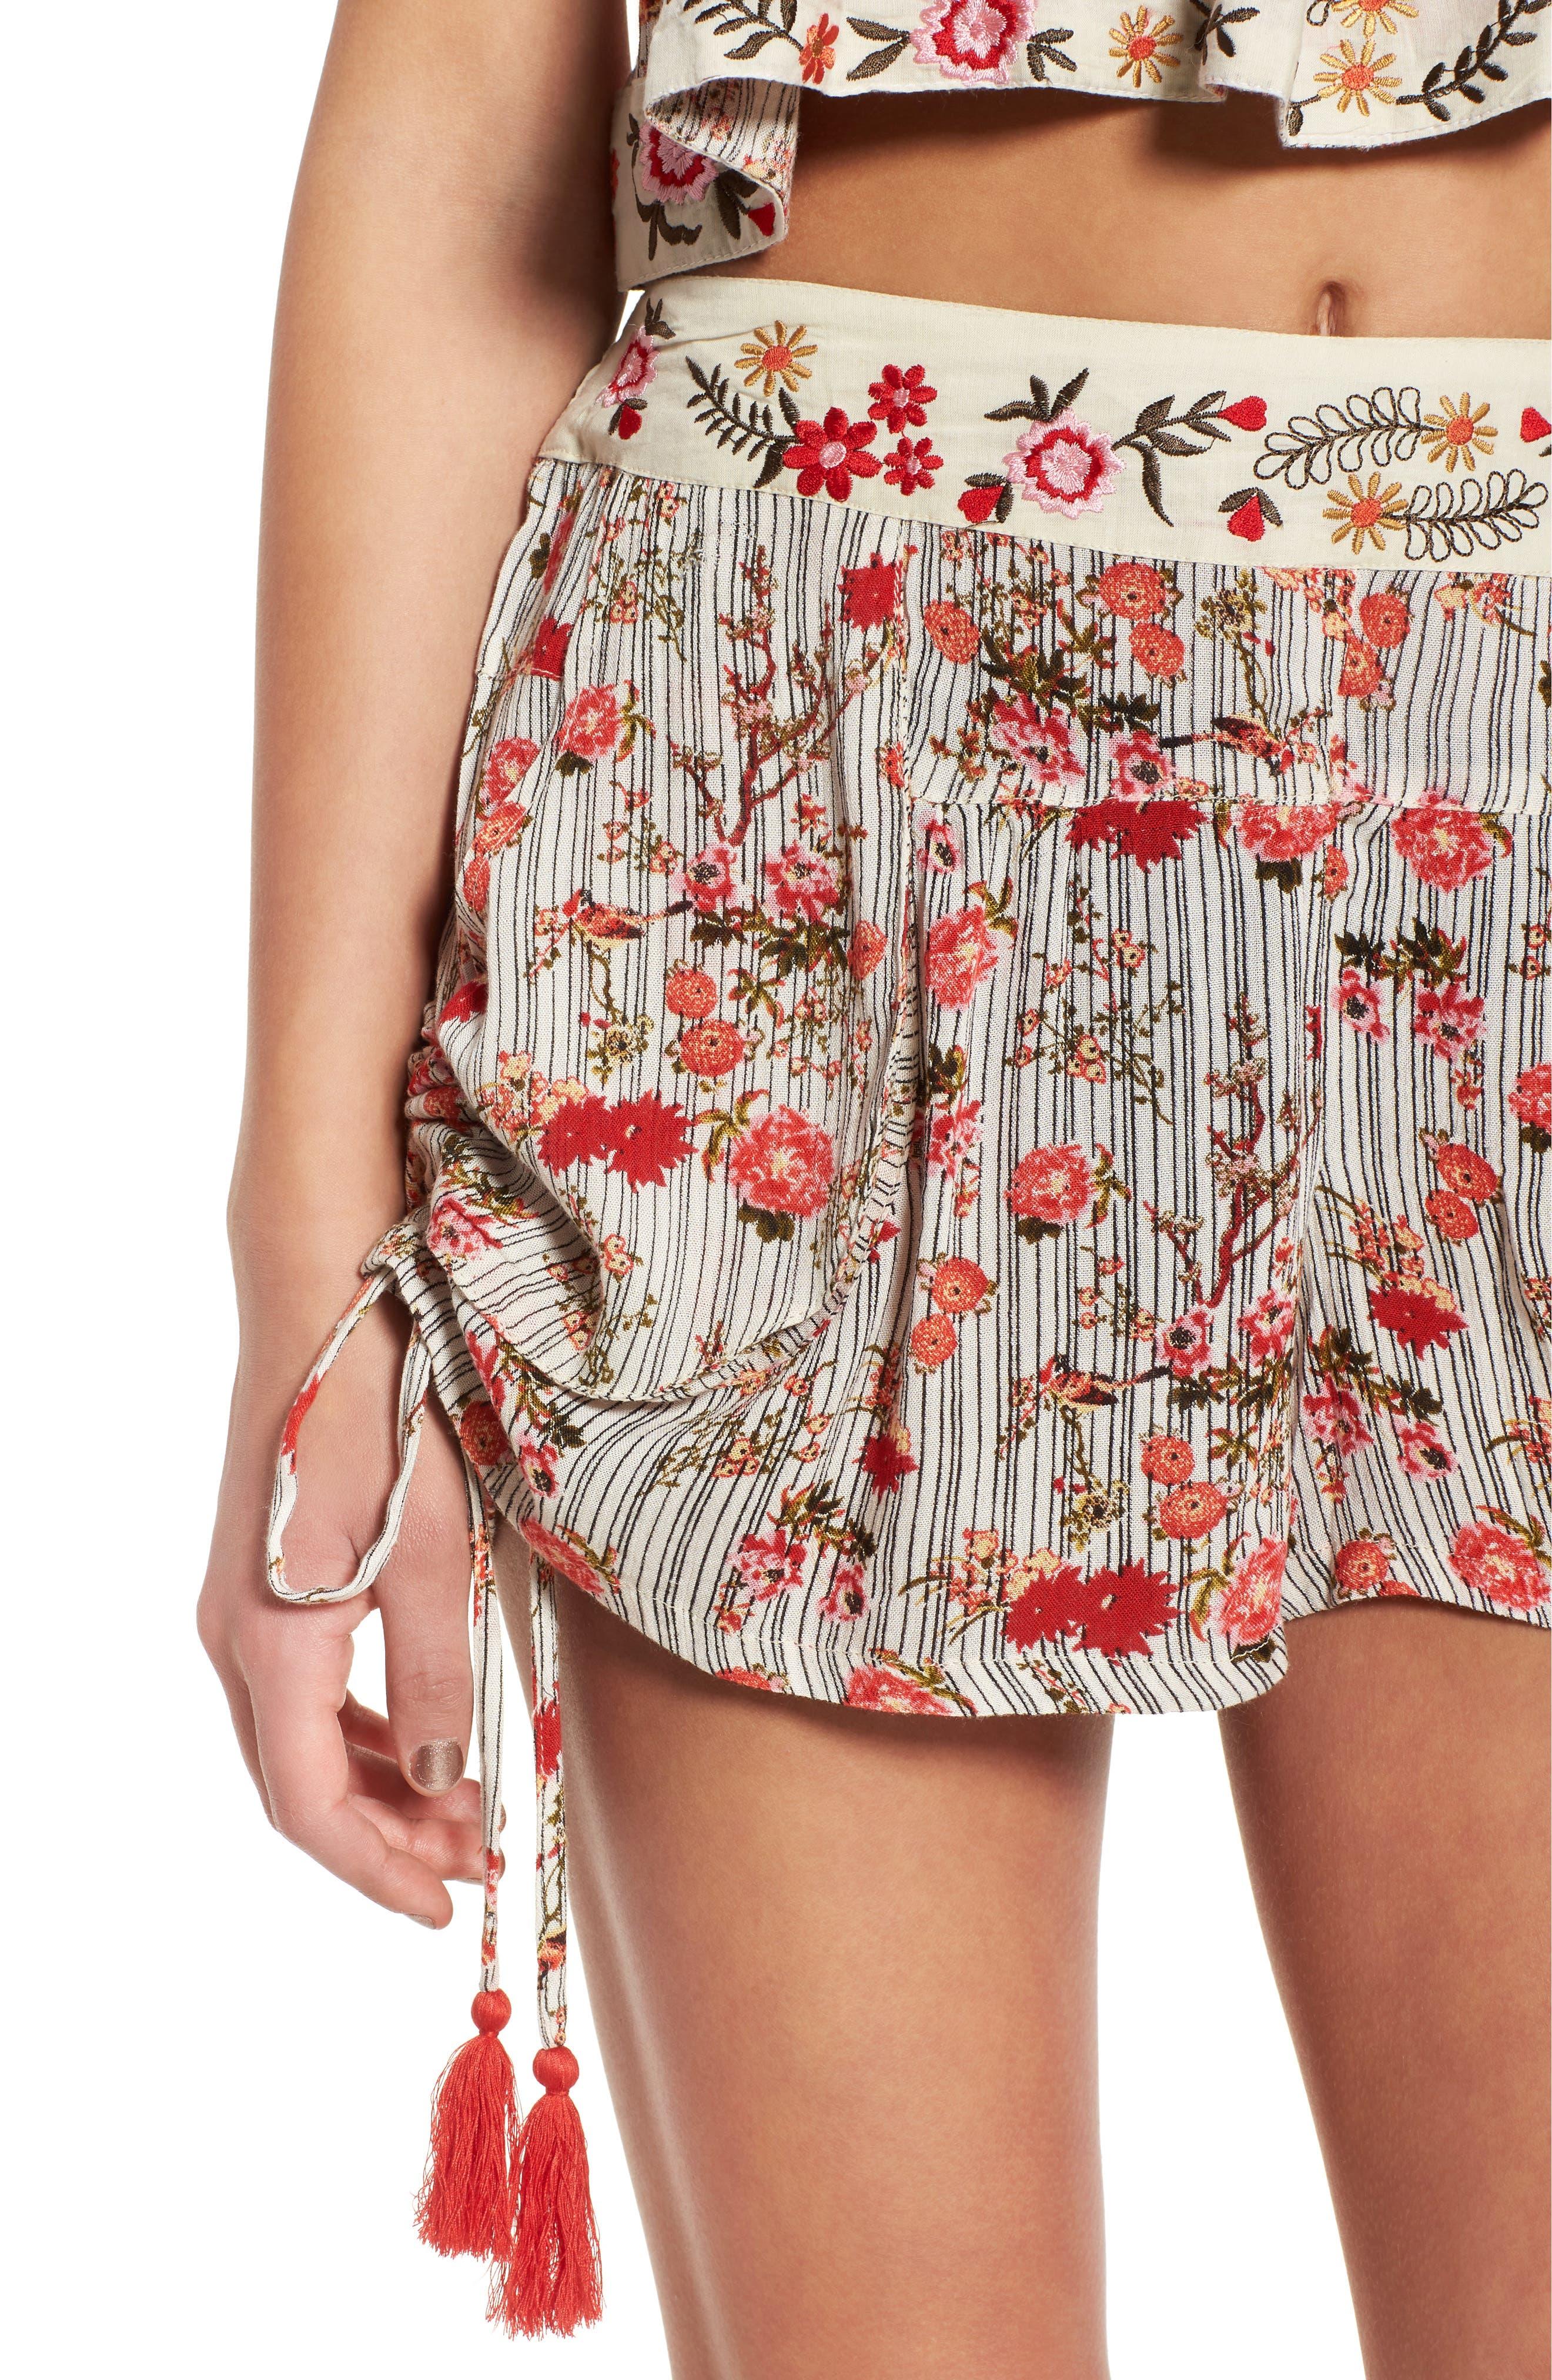 Primrose Floral Print Shorts,                             Alternate thumbnail 6, color,                             Multi